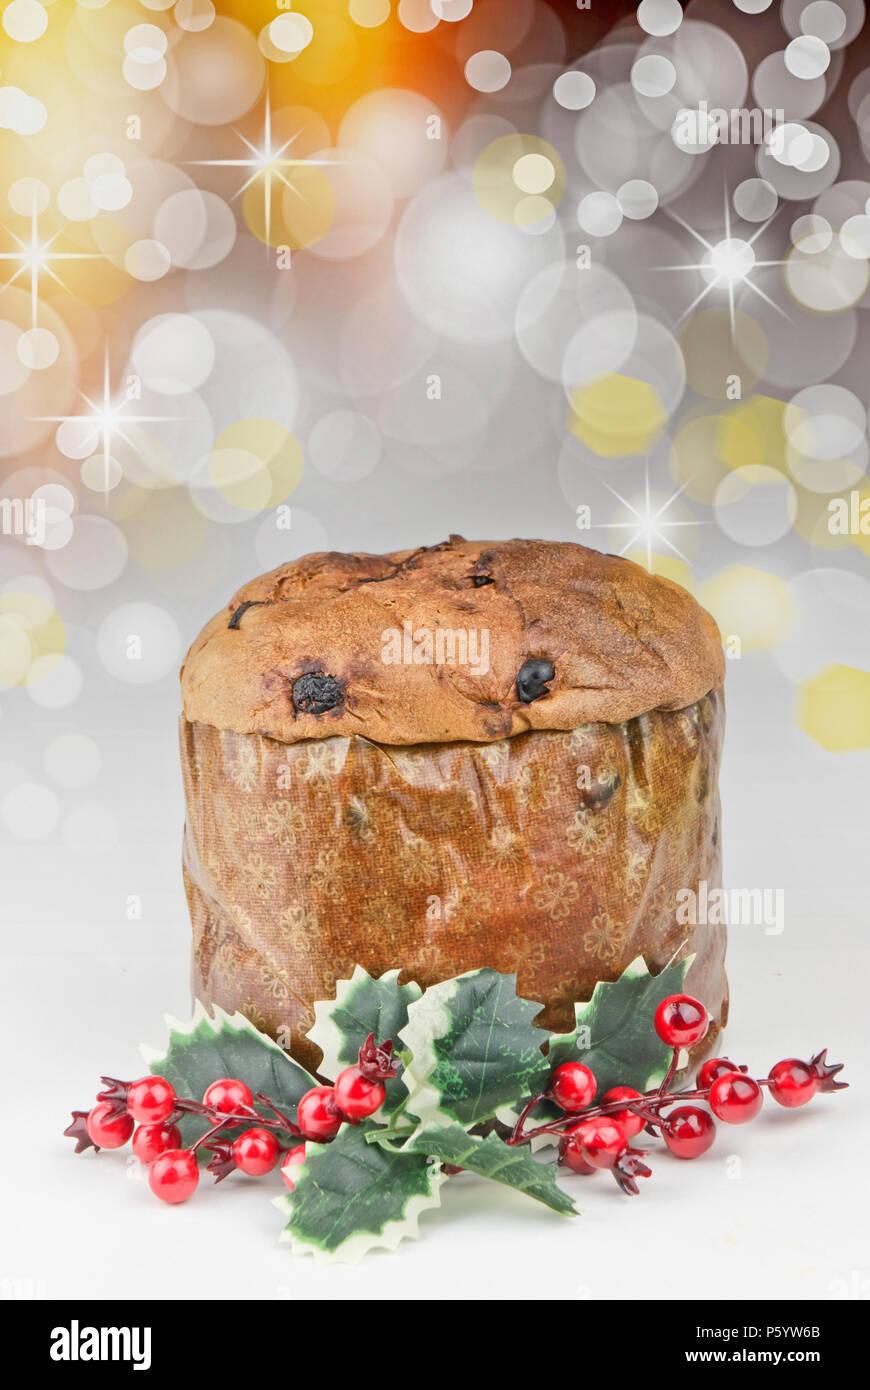 Panettone Traditionelle Italienische Weihnachten Kuchen Mit